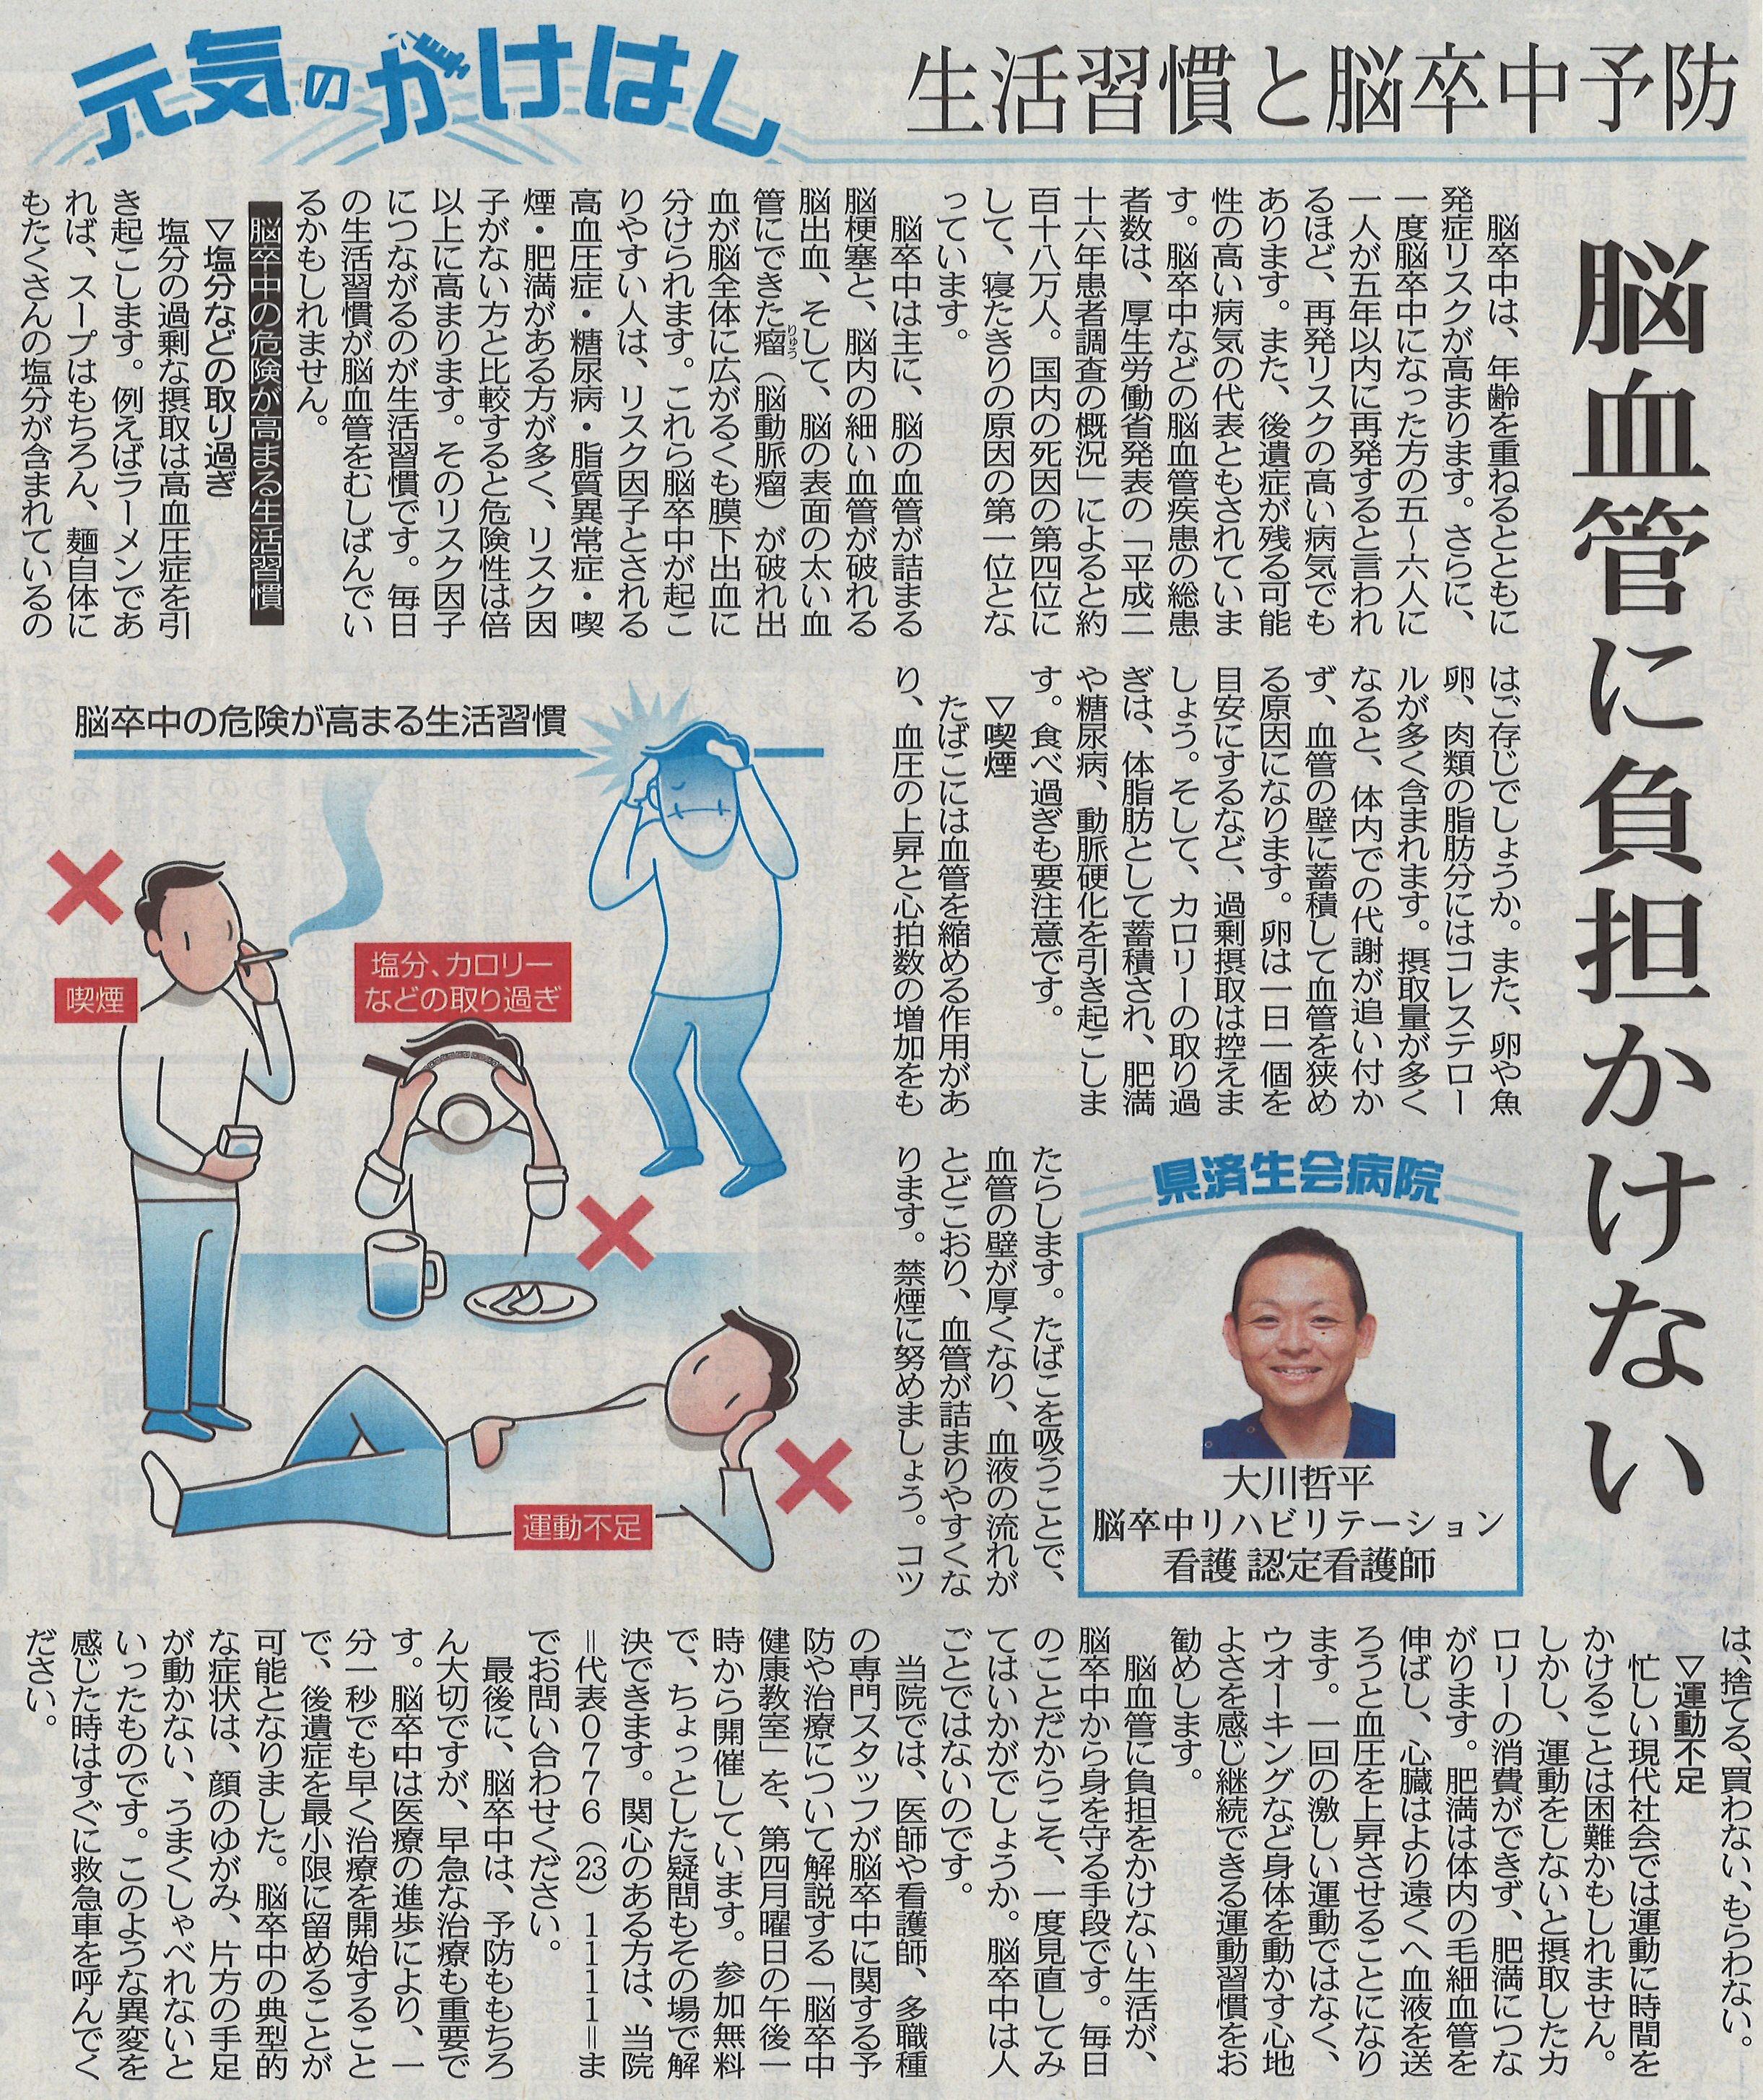 2018年12月6日 日刊県民福井